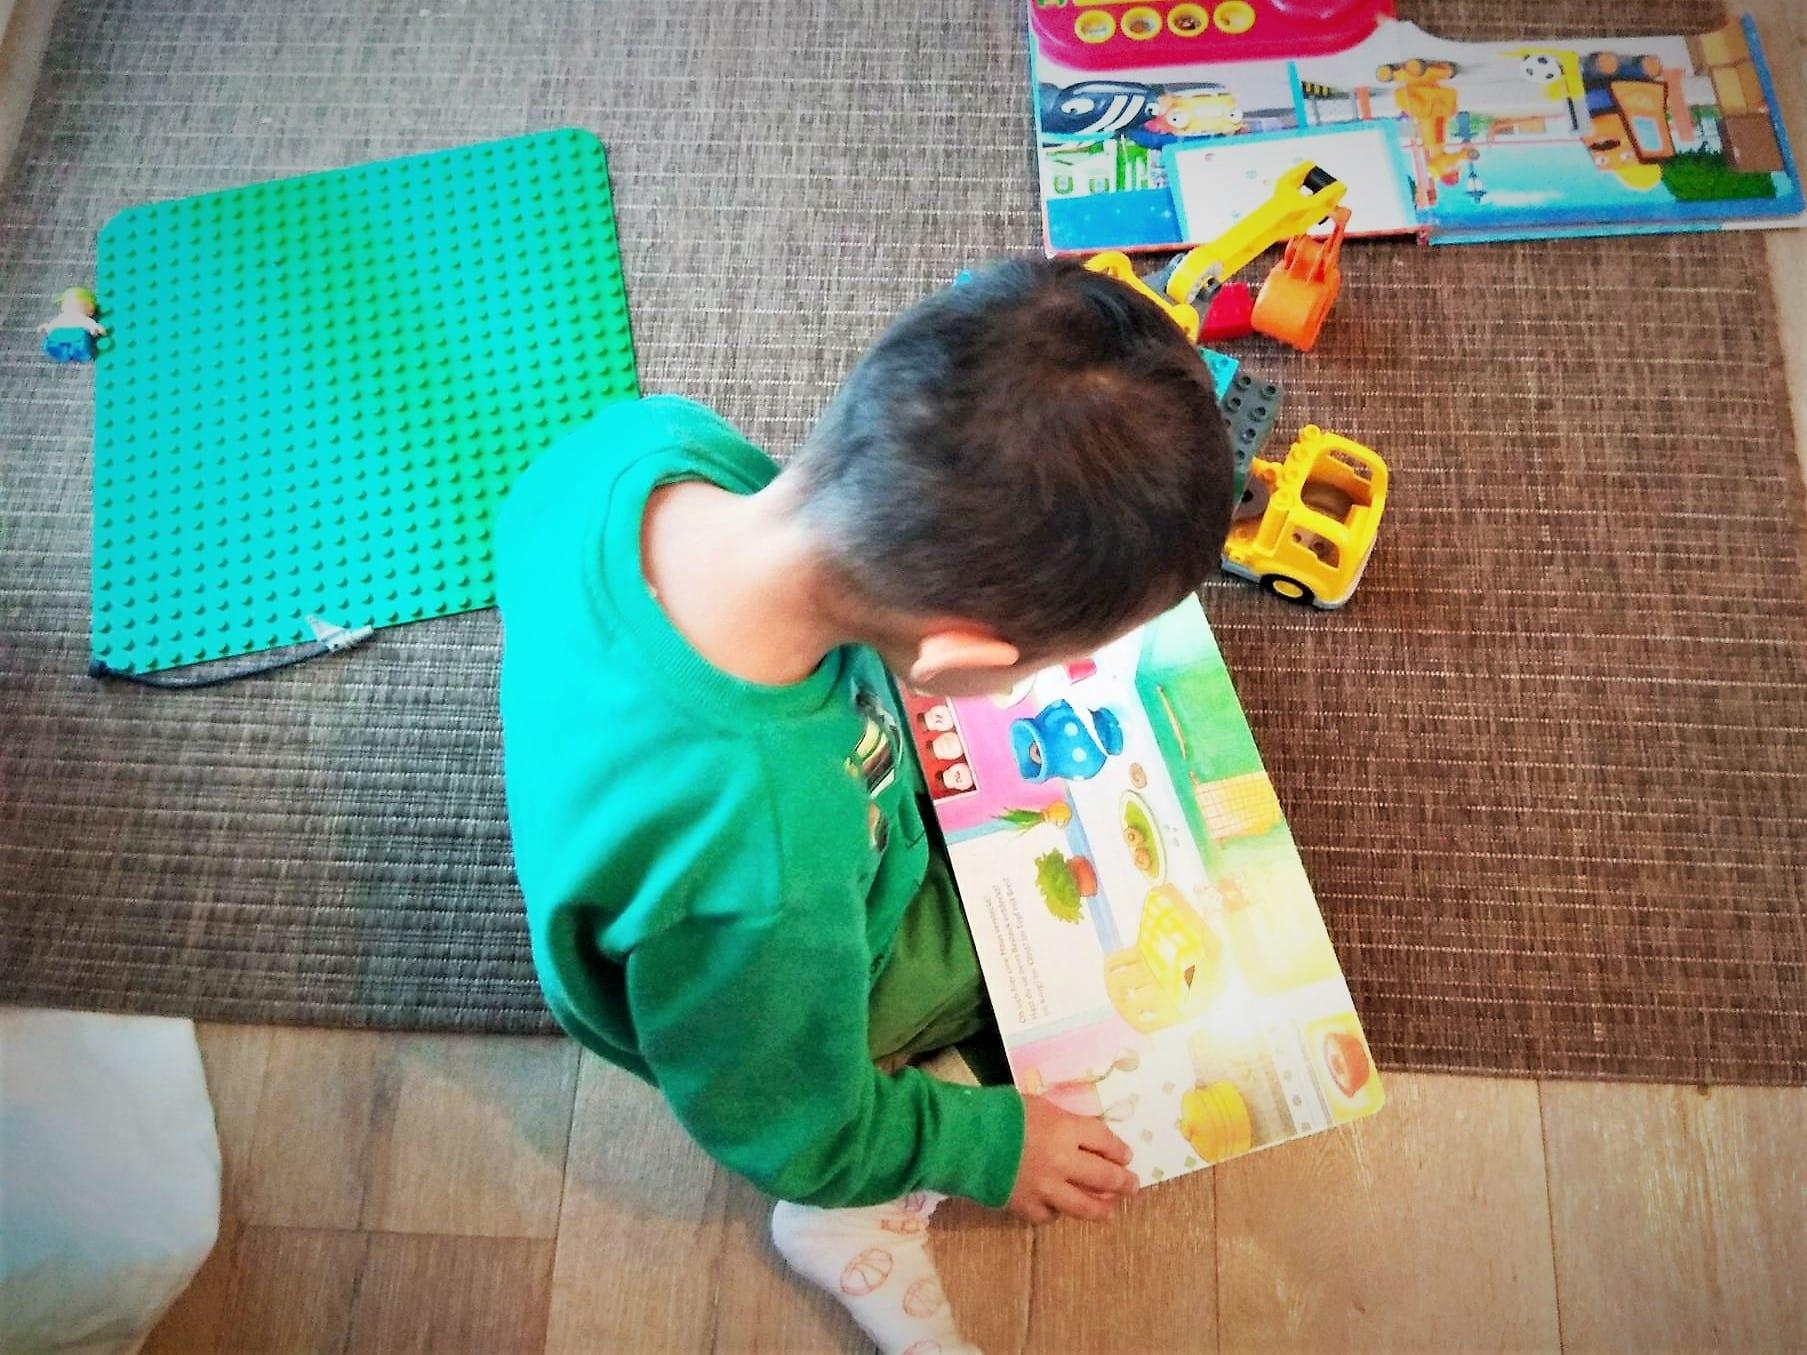 Achtsamkeit, gemeinsam spielen, Kindheit, Reflexion, Erziehung, Kompromissbereitschaft, Familienleben, Puddingklecks, Familienblog, Gedankenwelt